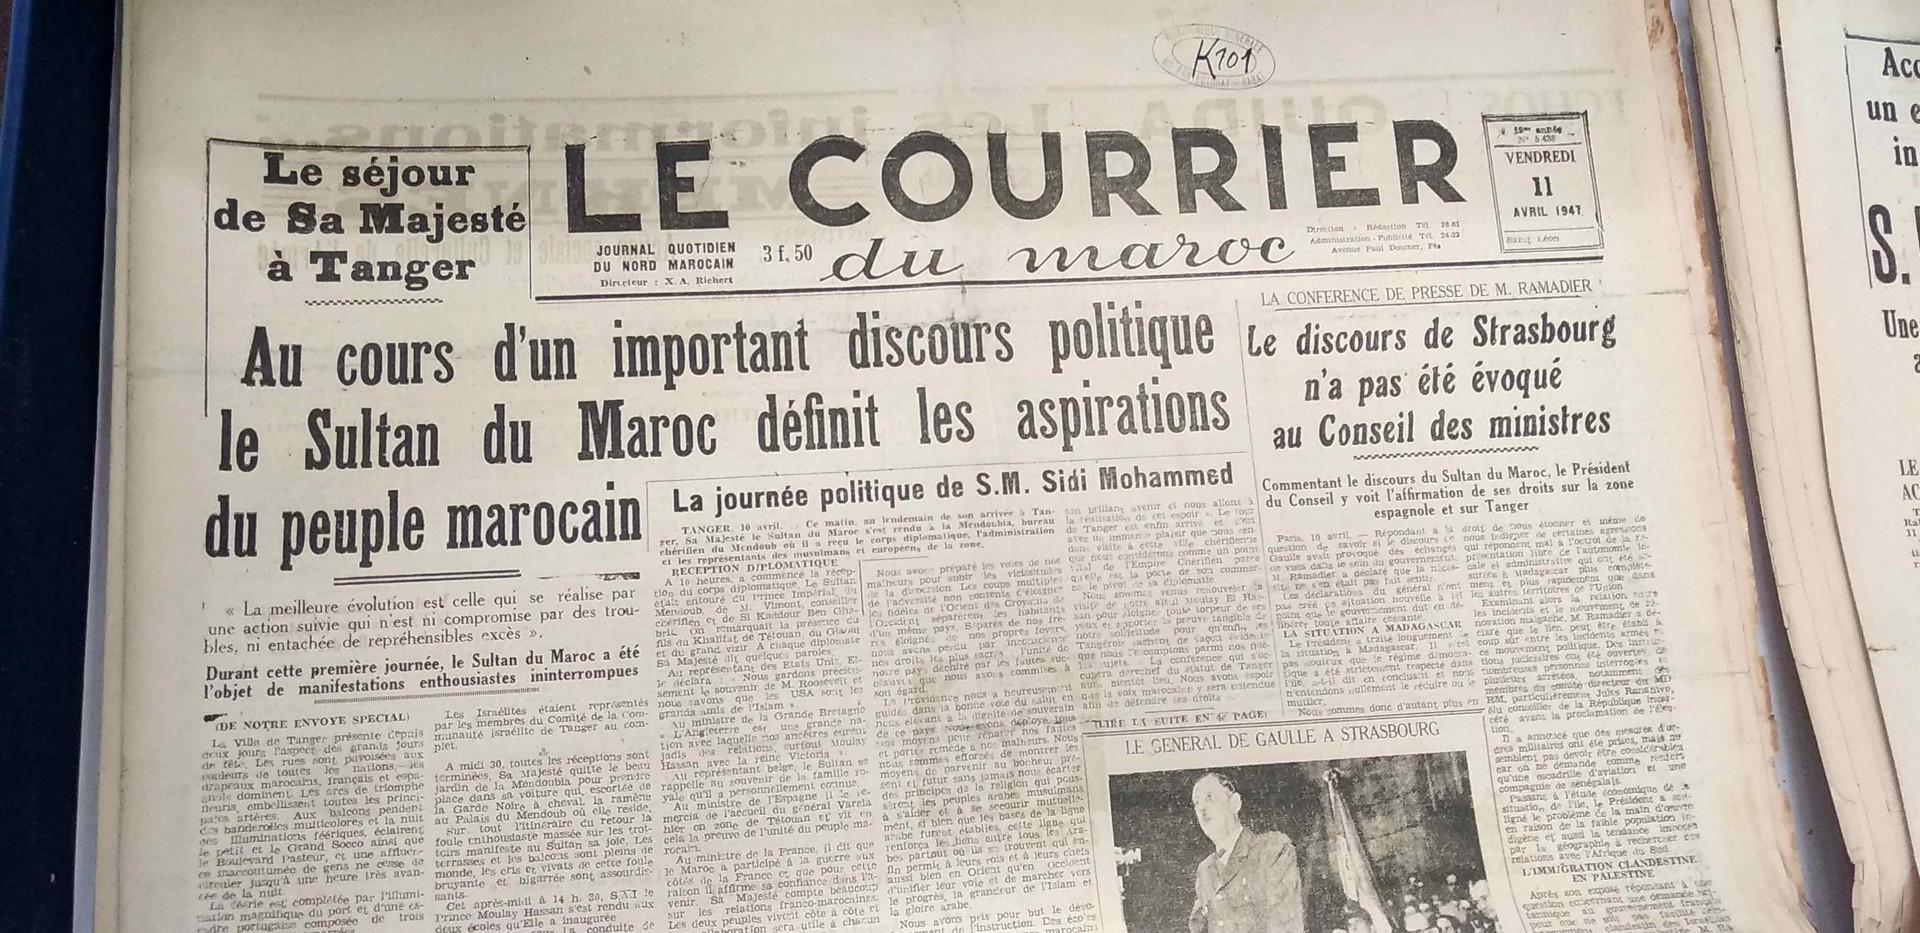 Le courrier 11 avril 1947 .jpg